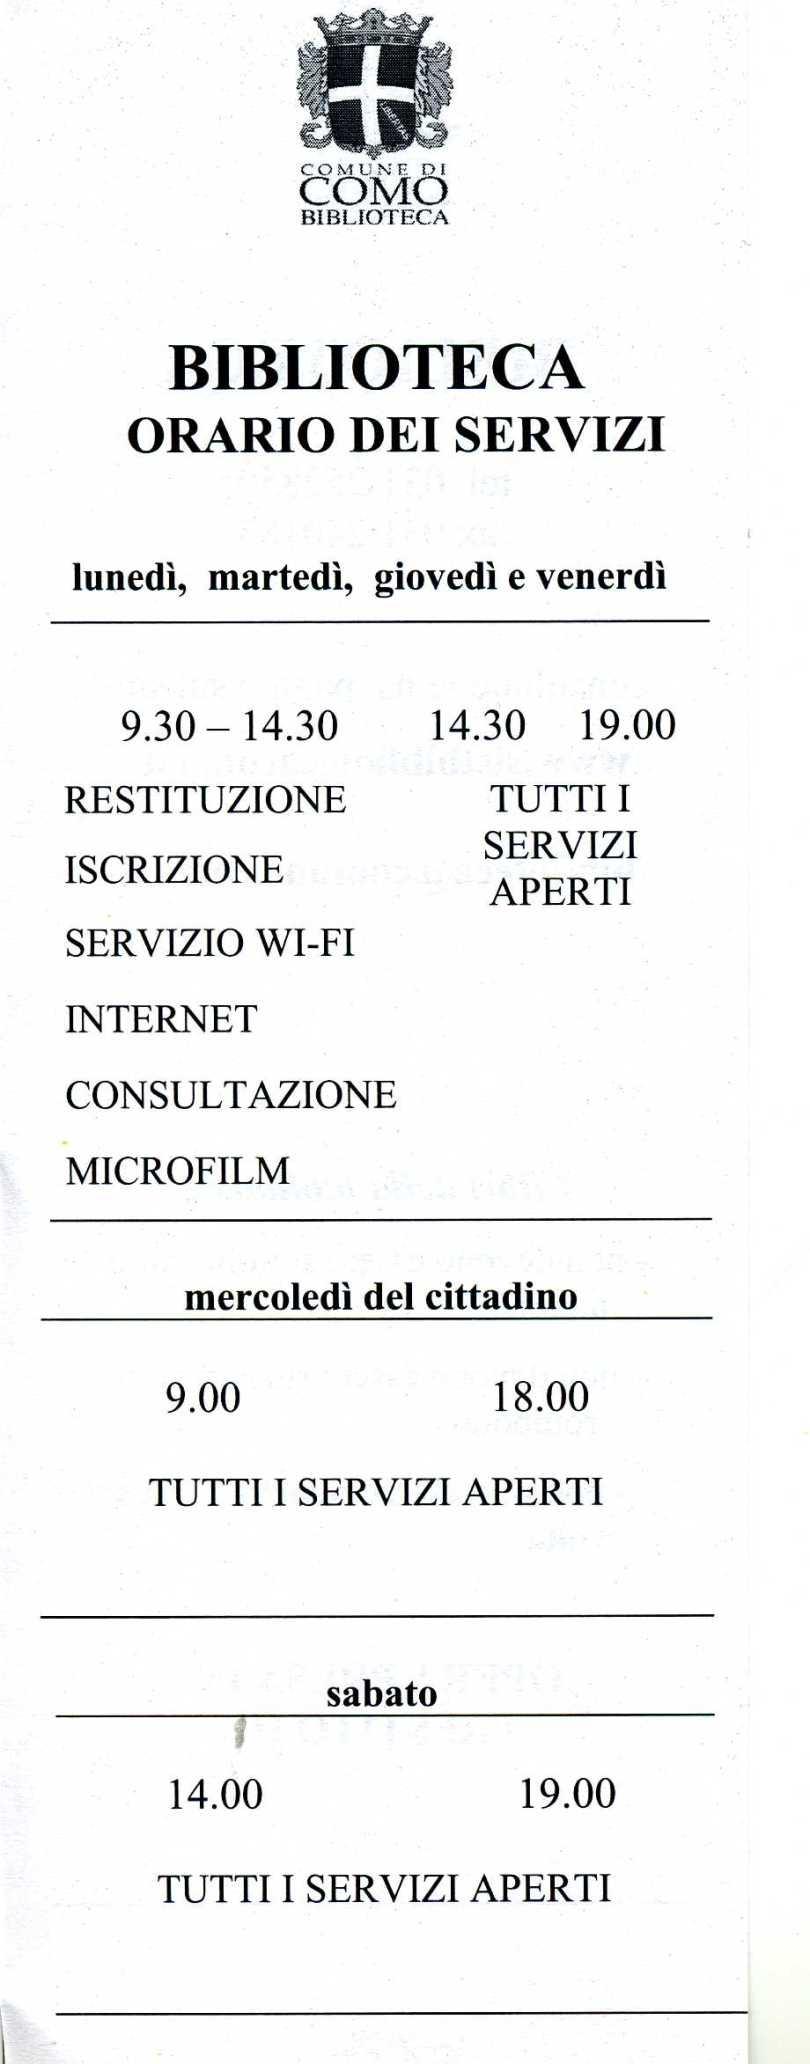 bibliocomo126